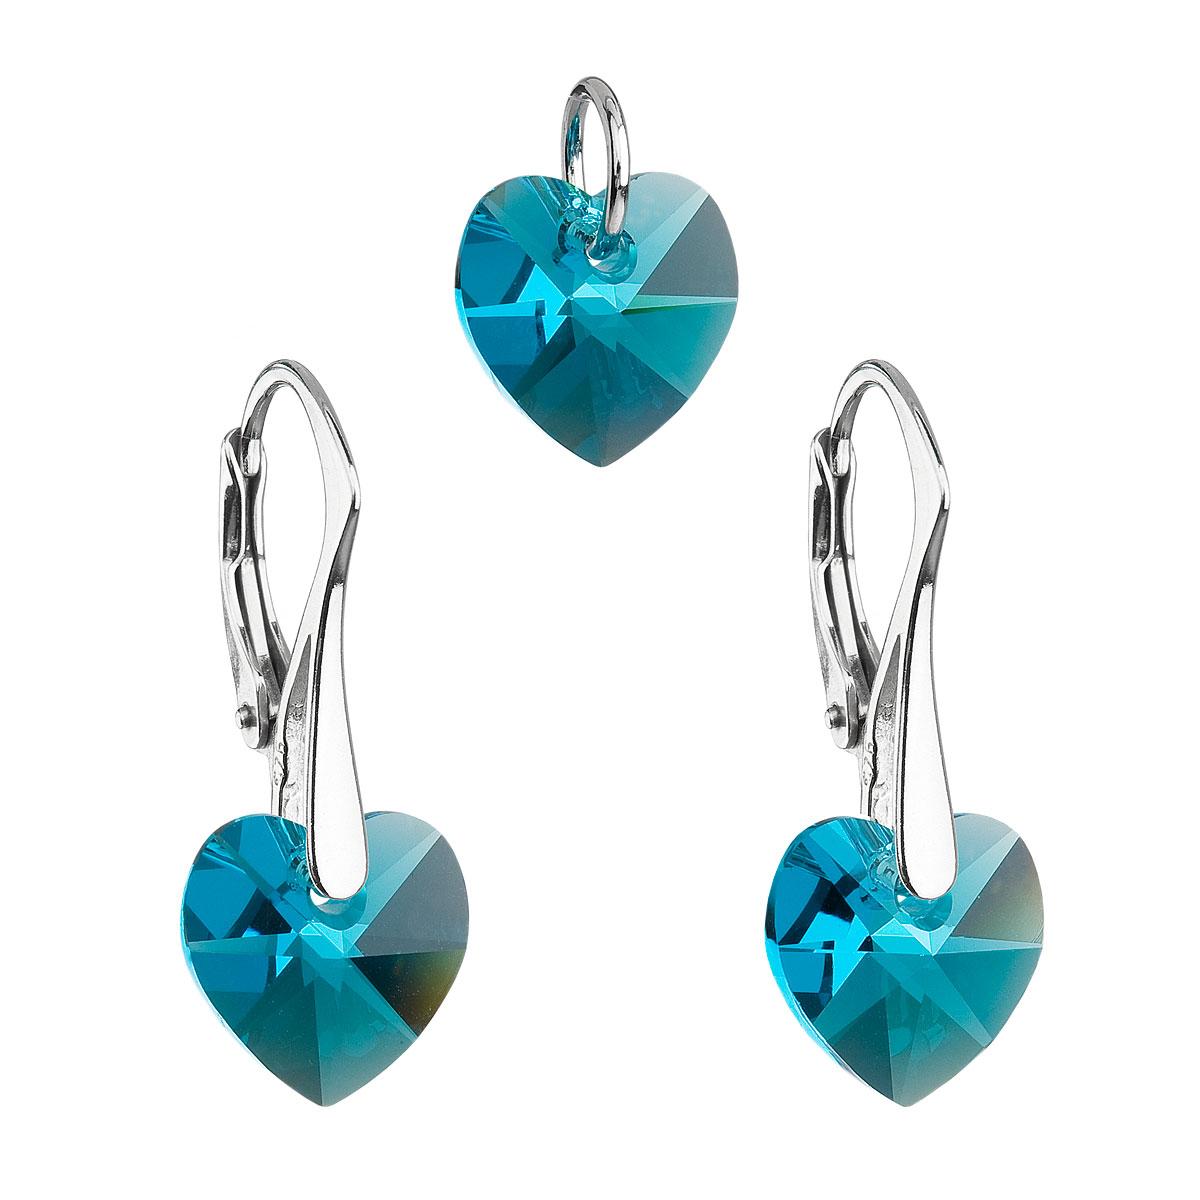 Evolution Group Sada šperků s krystaly Swarovski náušnice a přívěsek modrá srdce 39003.4